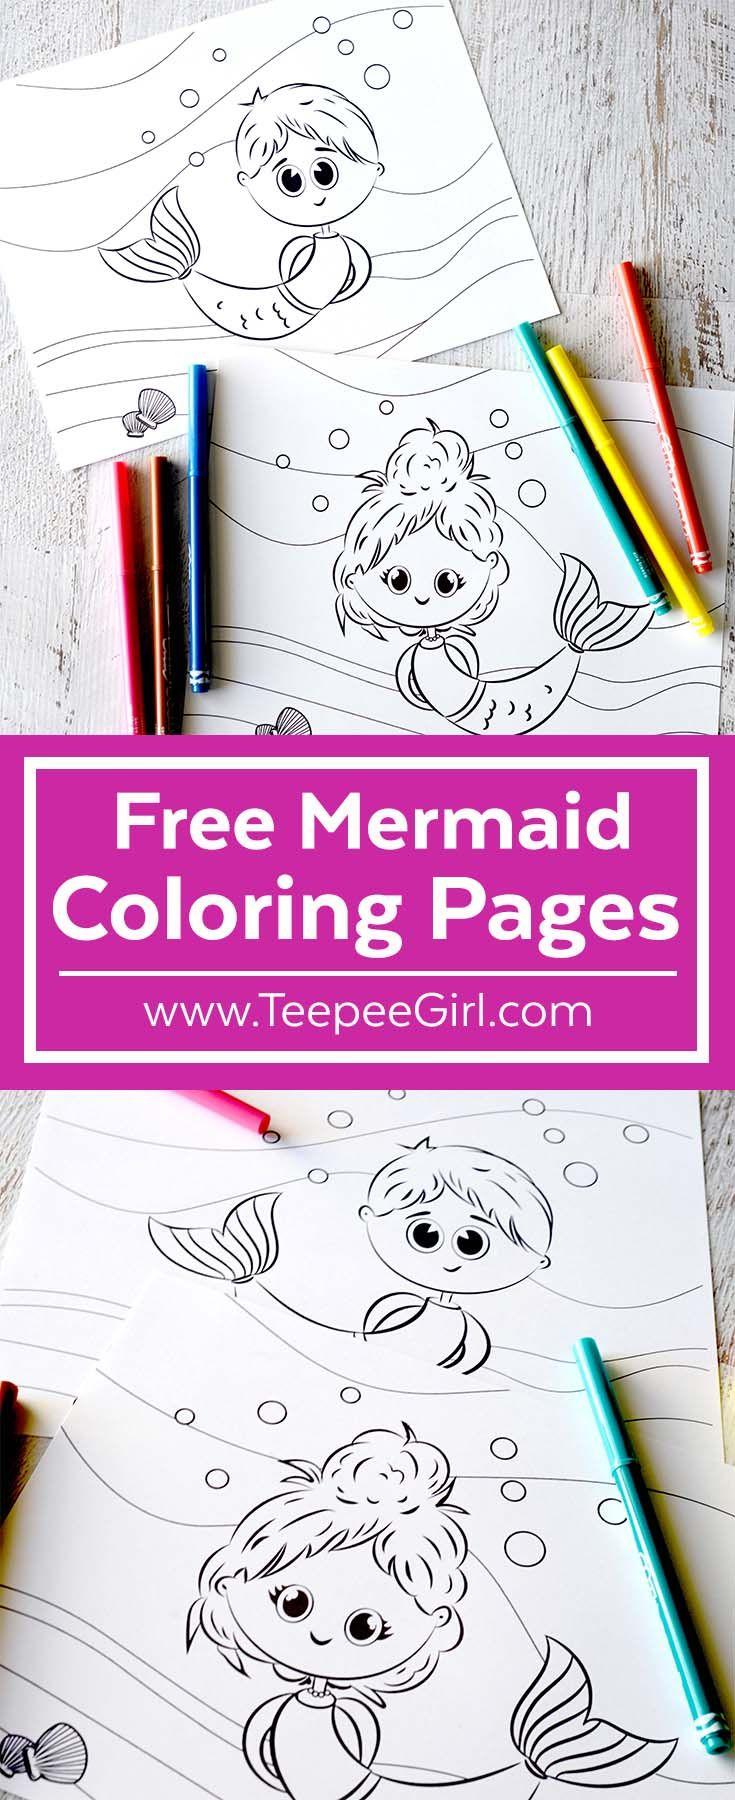 Free Mermaid Coloring Pages | Best of Teepee Girl! | Pinterest | Kid ...